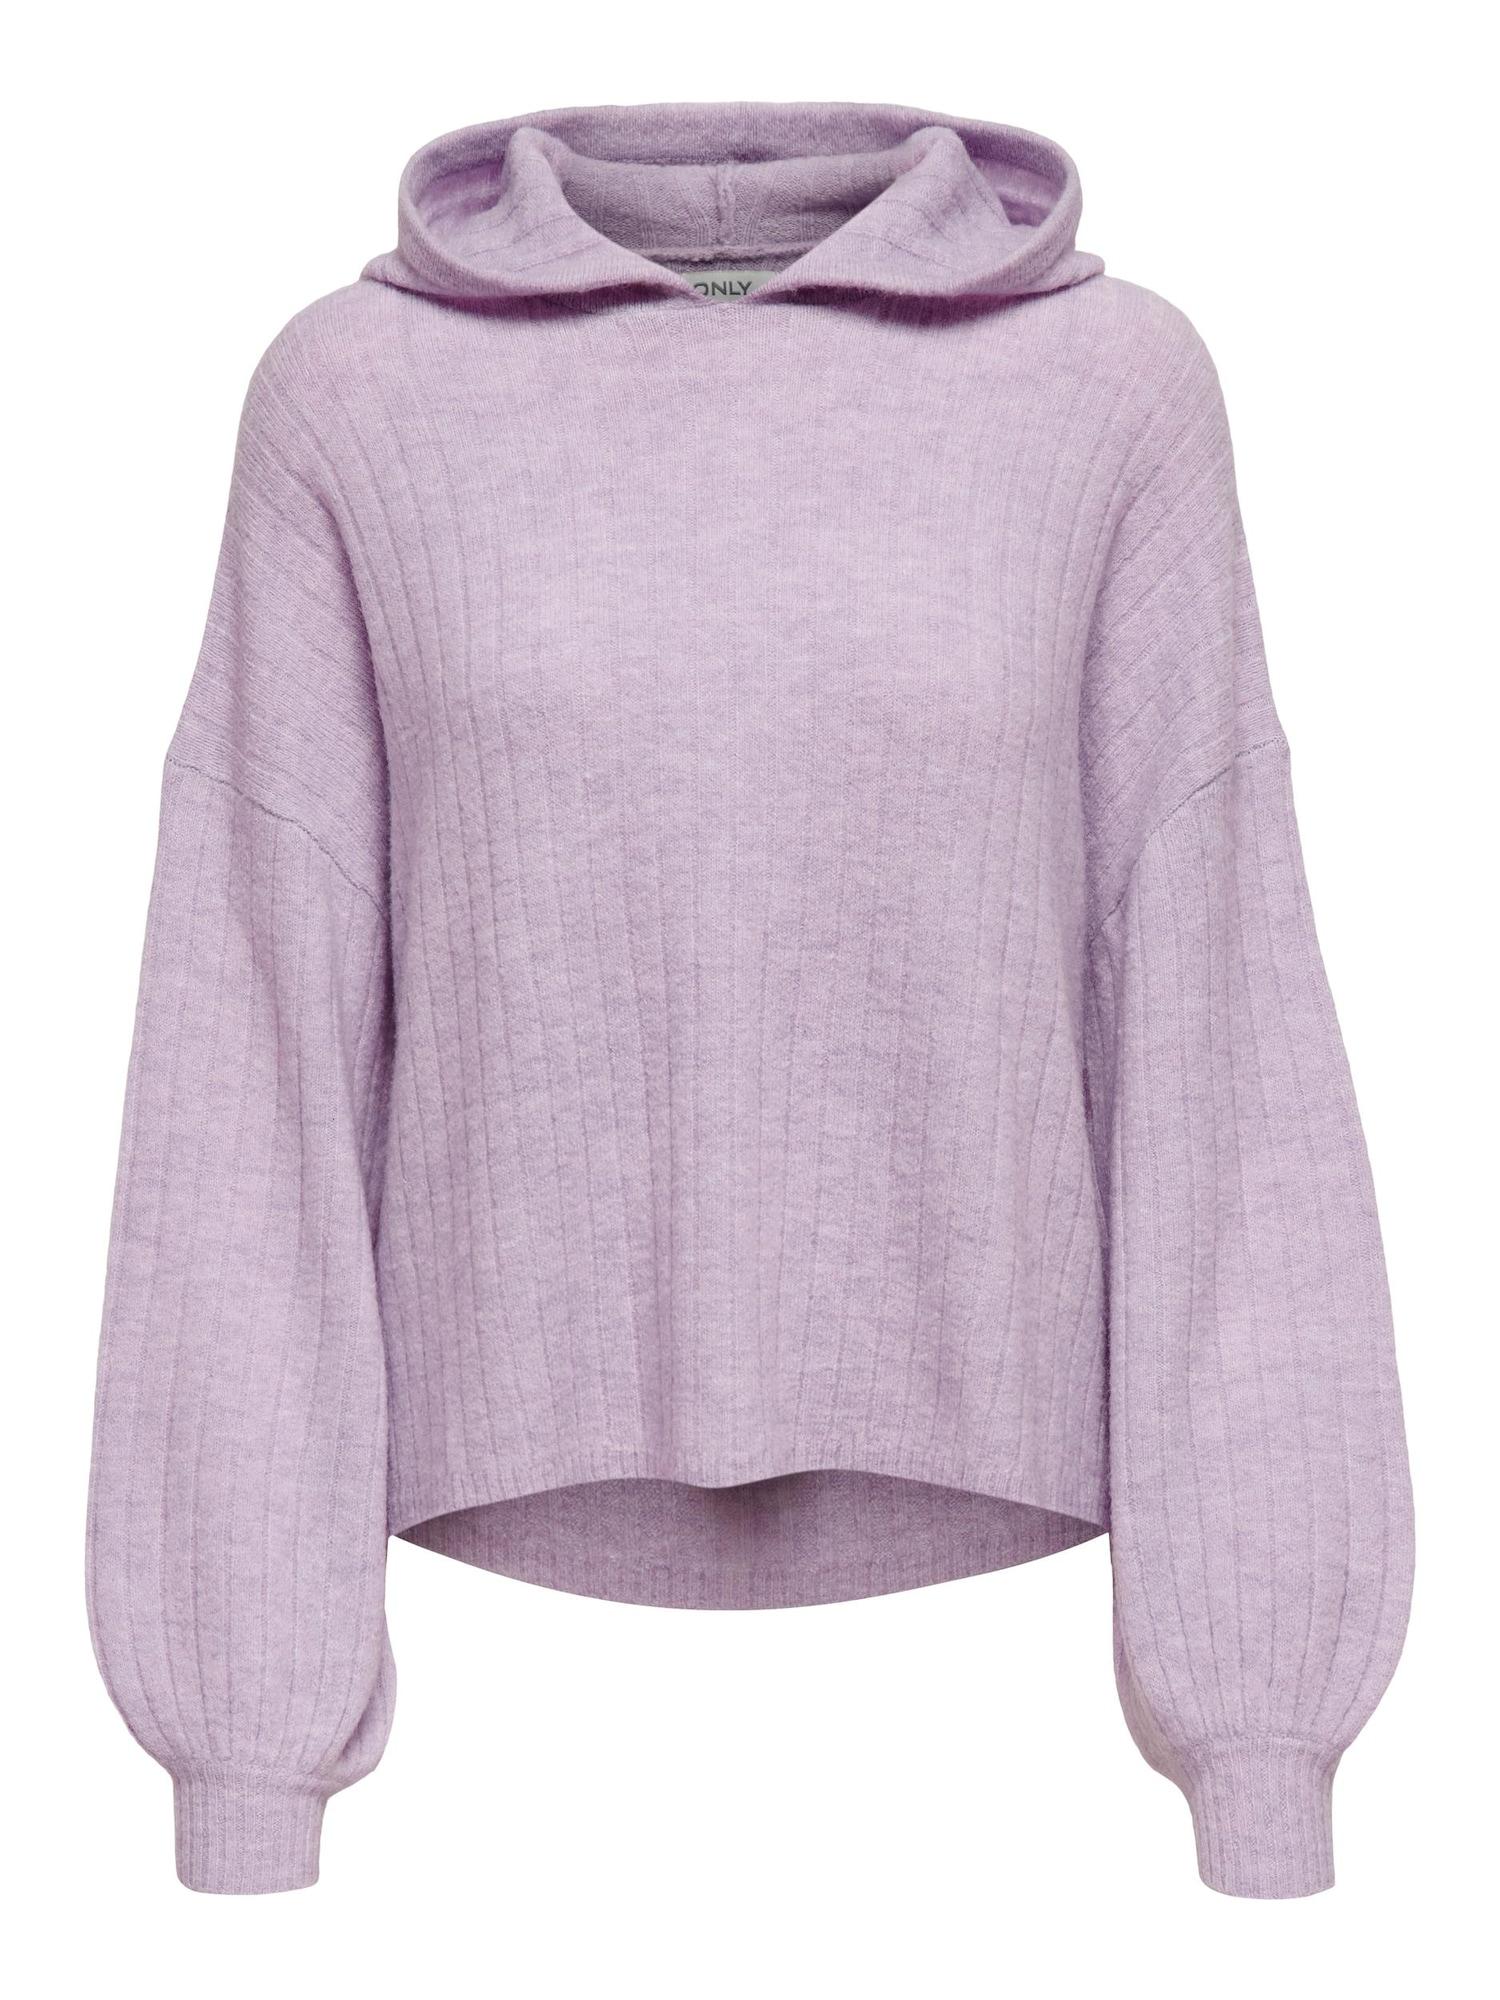 ONLY Megztinis 'Corrine' rausvai violetinė